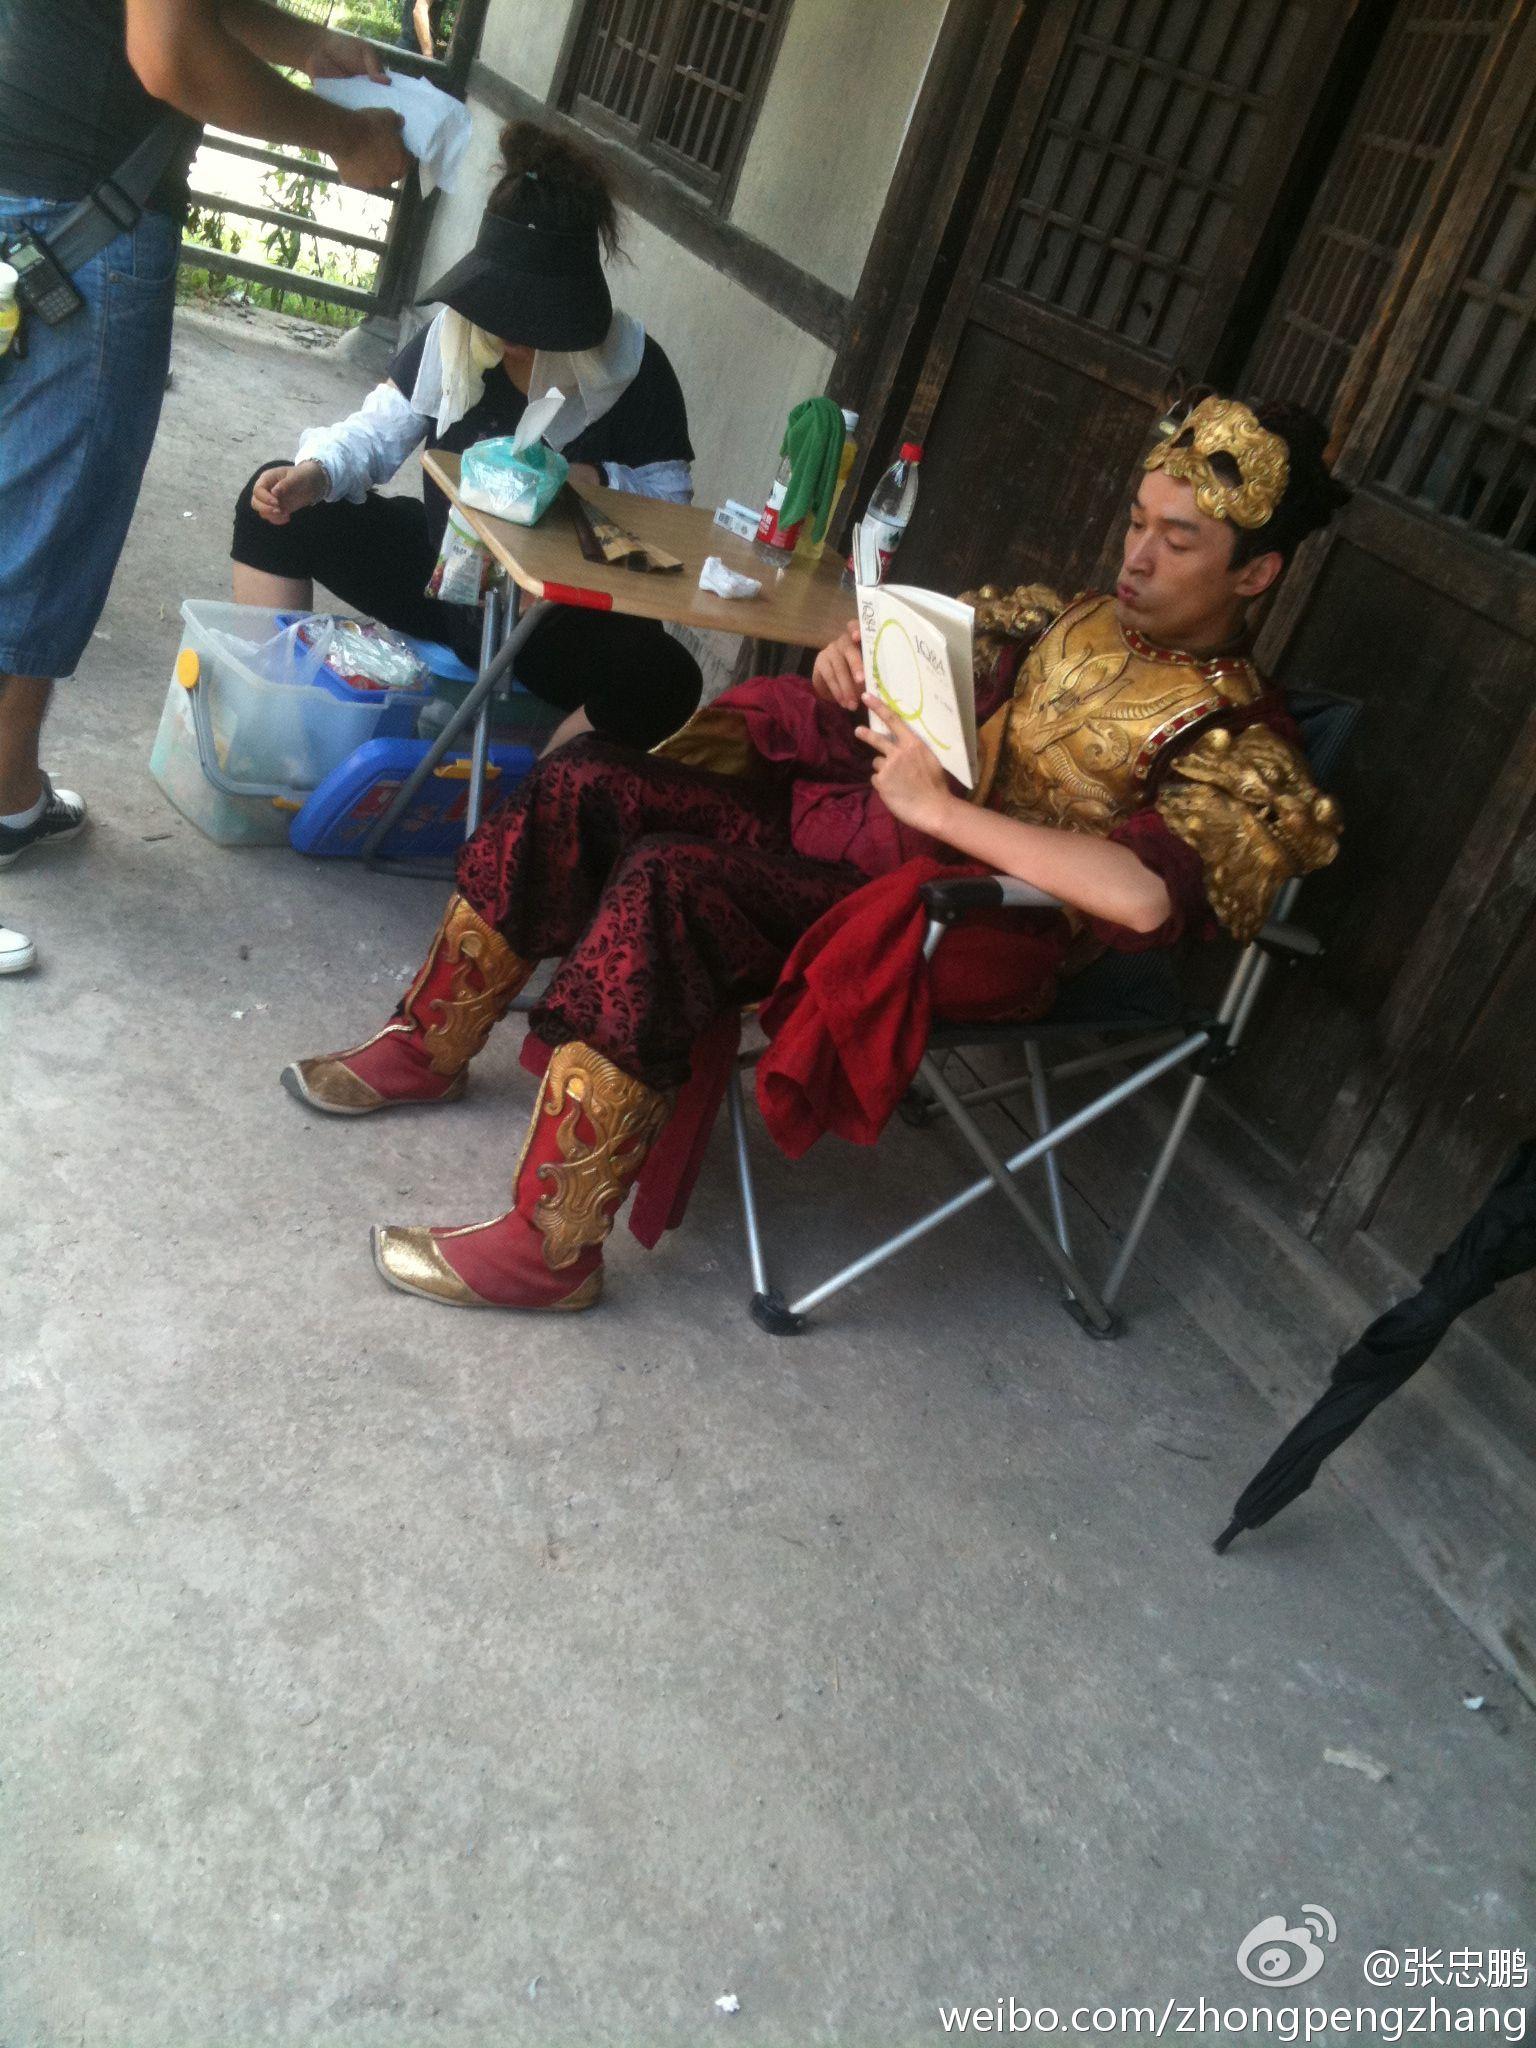 [Thông Tin Phim] Hiên Viên Kiếm - Thiên Chi Ngân - Hồ Ca[2012] 6301f0dejw1dj6diqb6dyj